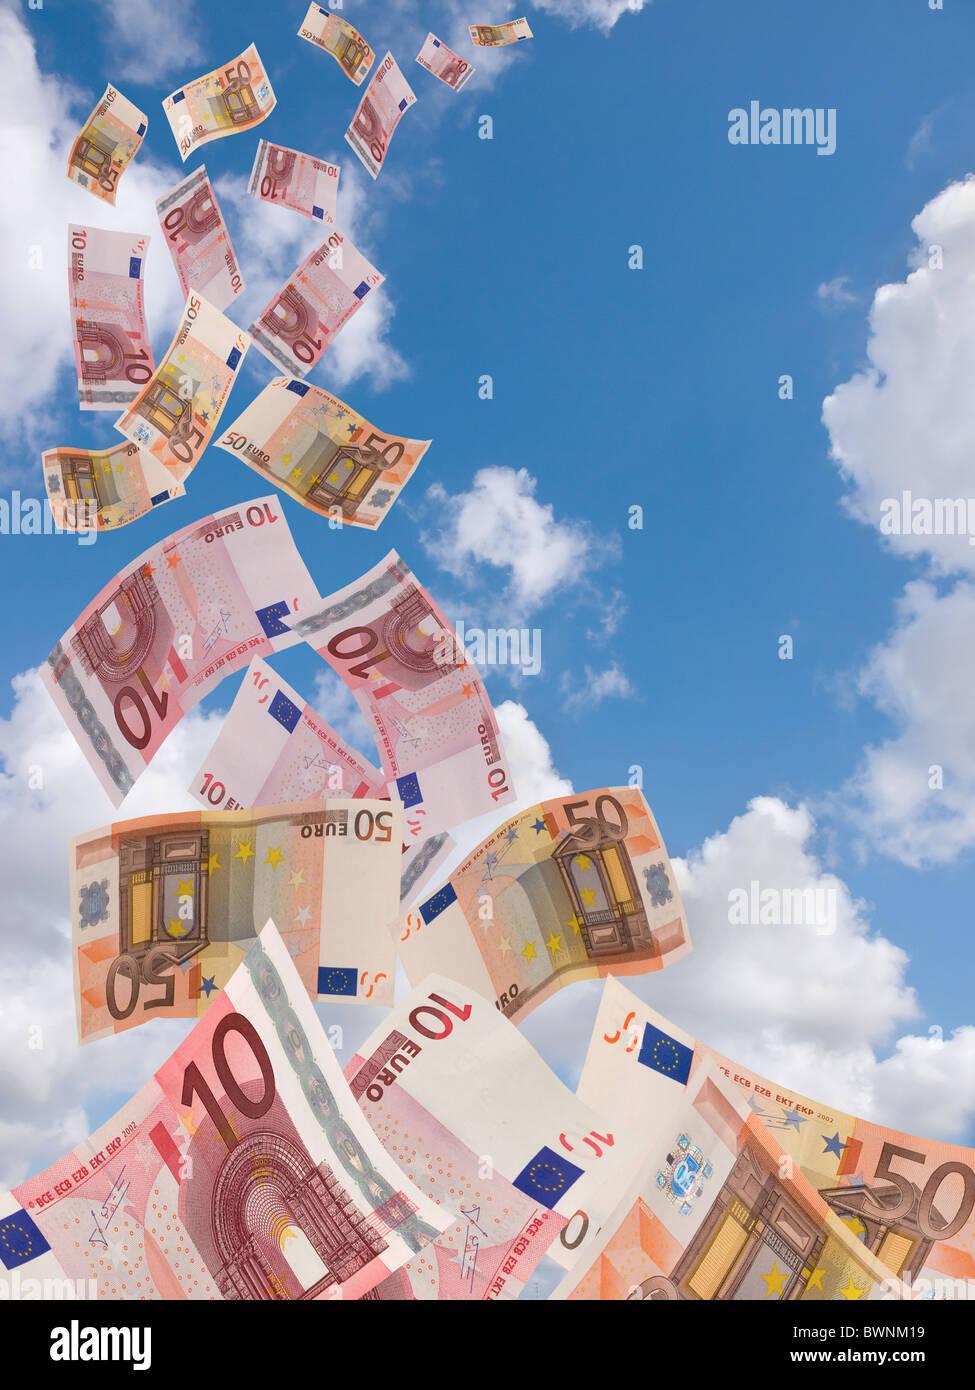 euros flyng away - Stock Image